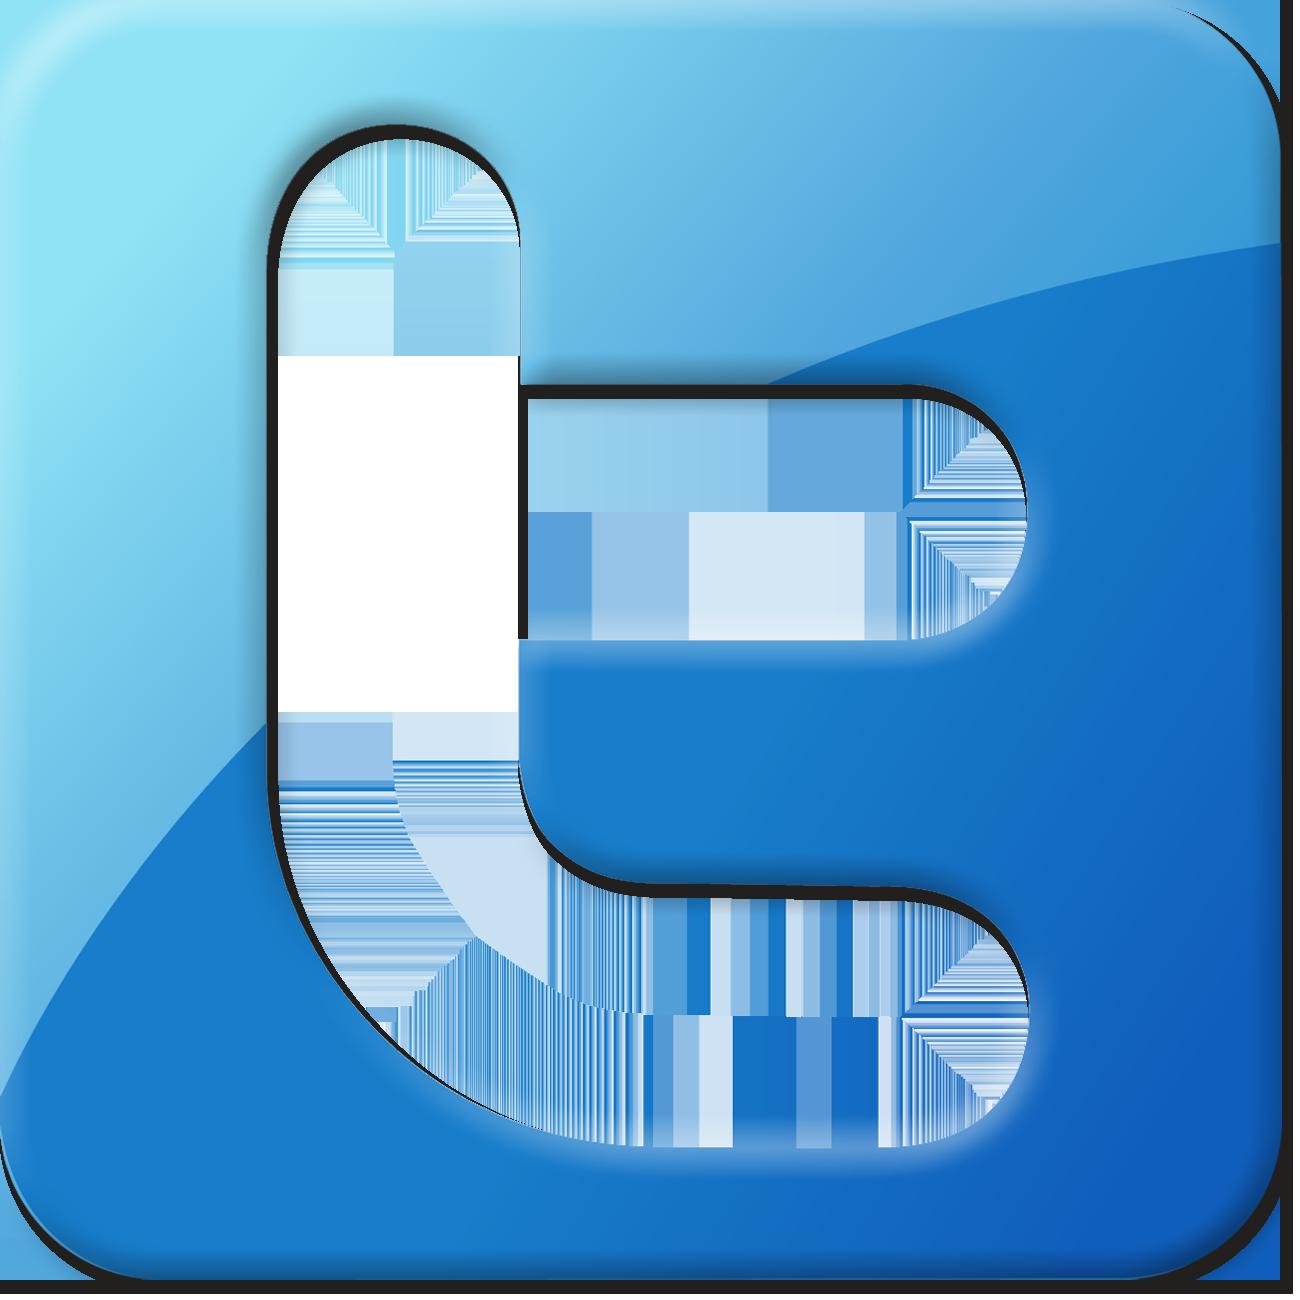 twitter-logo-png-transparent-background-twitter-transparent-logo-png